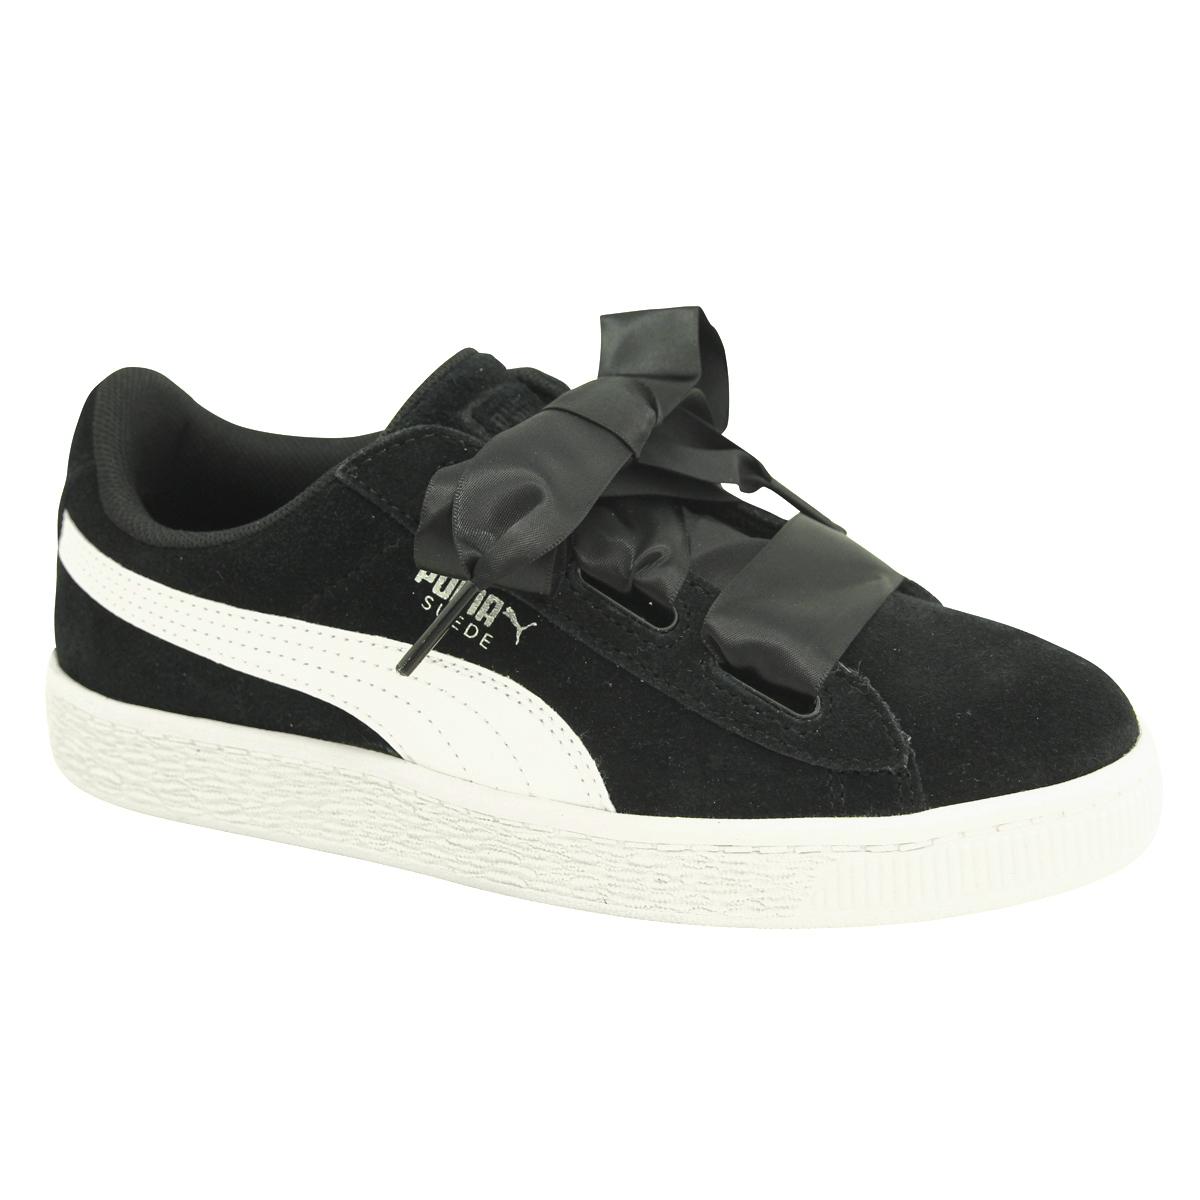 85be202efc3 Chaussures Baskets Puma fille Suede Heart Jewel V PS Taille Noir noire Suède  31. À propos de ce produit. Photo 1 12  Photo 2 12 ...